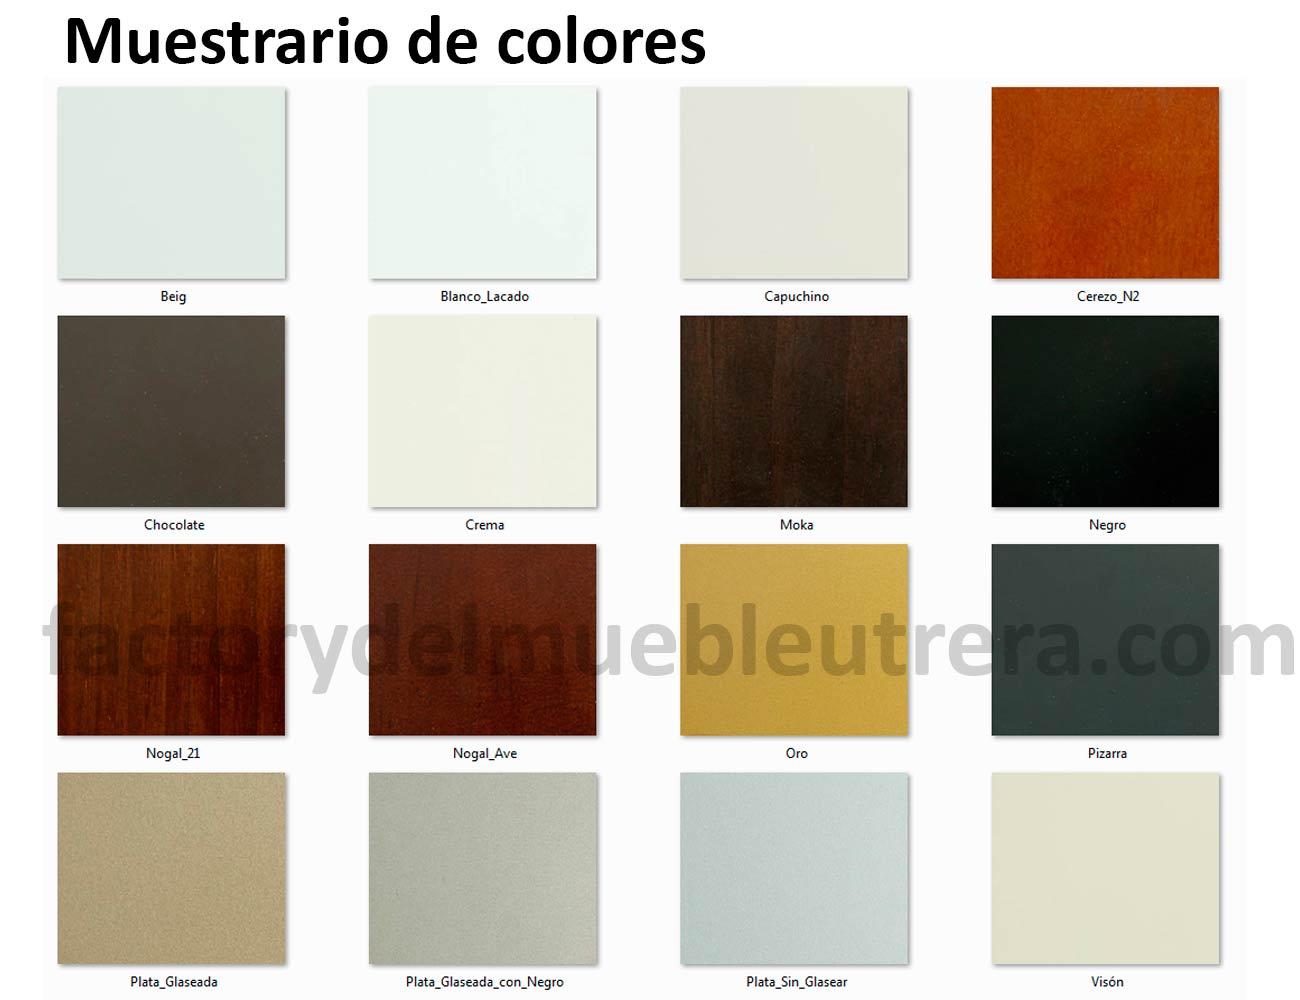 Colores web nueva96